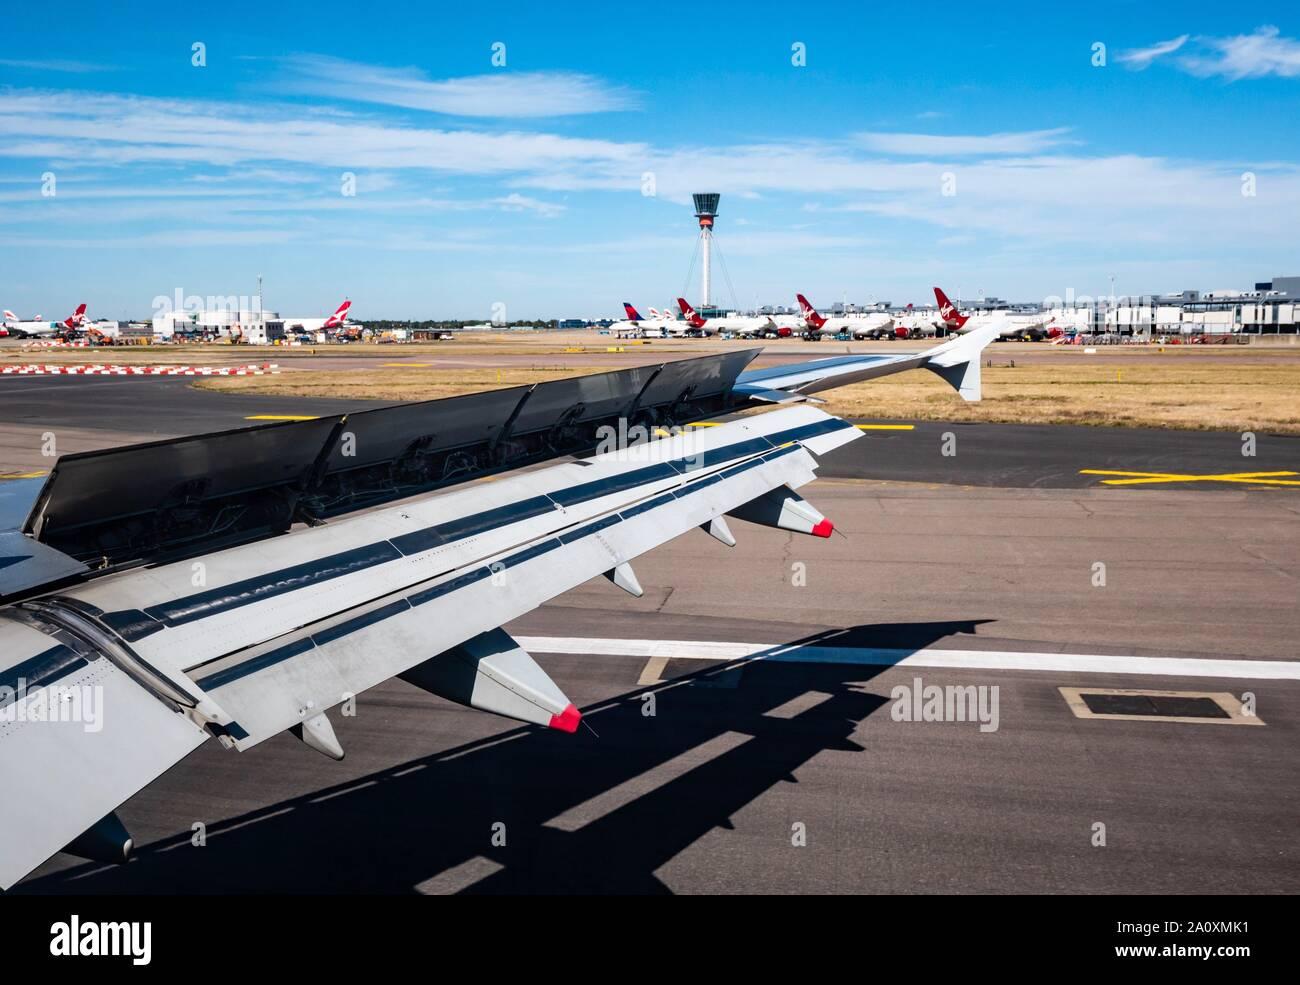 Vue depuis la fenêtre de l'avion sur l'atterrissage de l'aile sur la piste de l'aéroport avec des avions de Virgin Atlantic, Londres, Angleterre, Royaume-Uni Banque D'Images